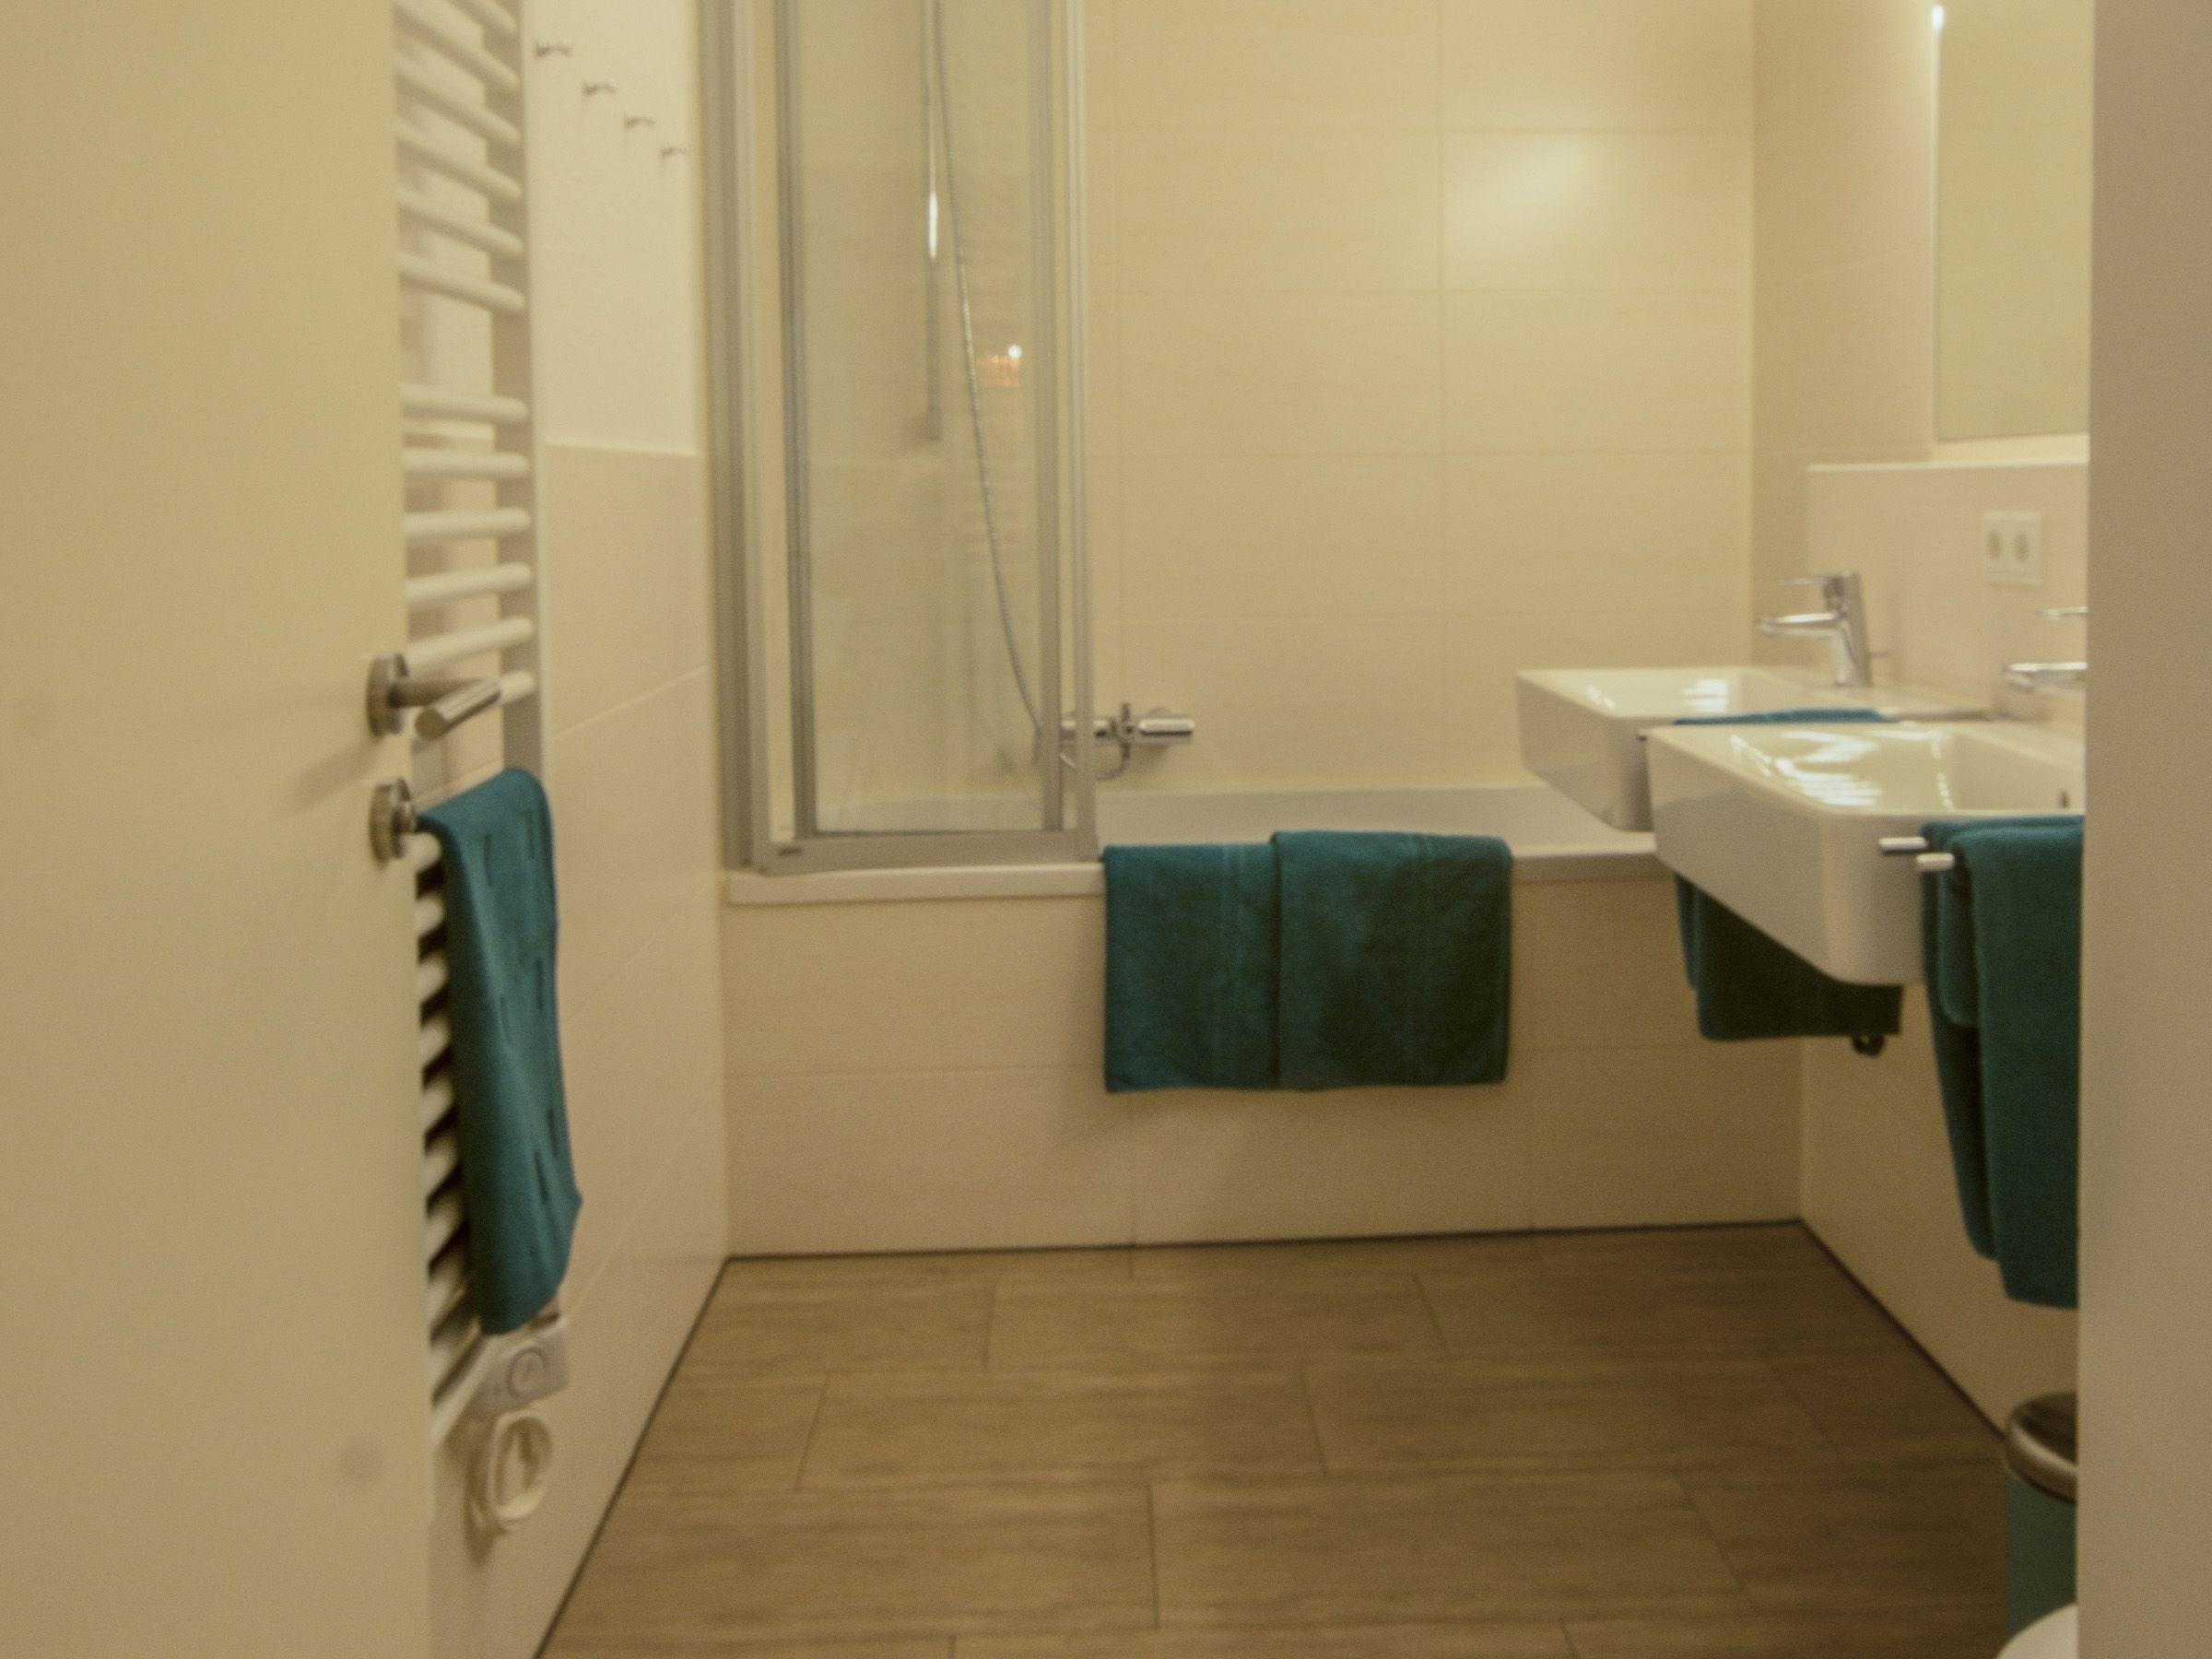 ferienwohnungen spiegel cramergasse, (lindau am bodensee, Badezimmer ideen